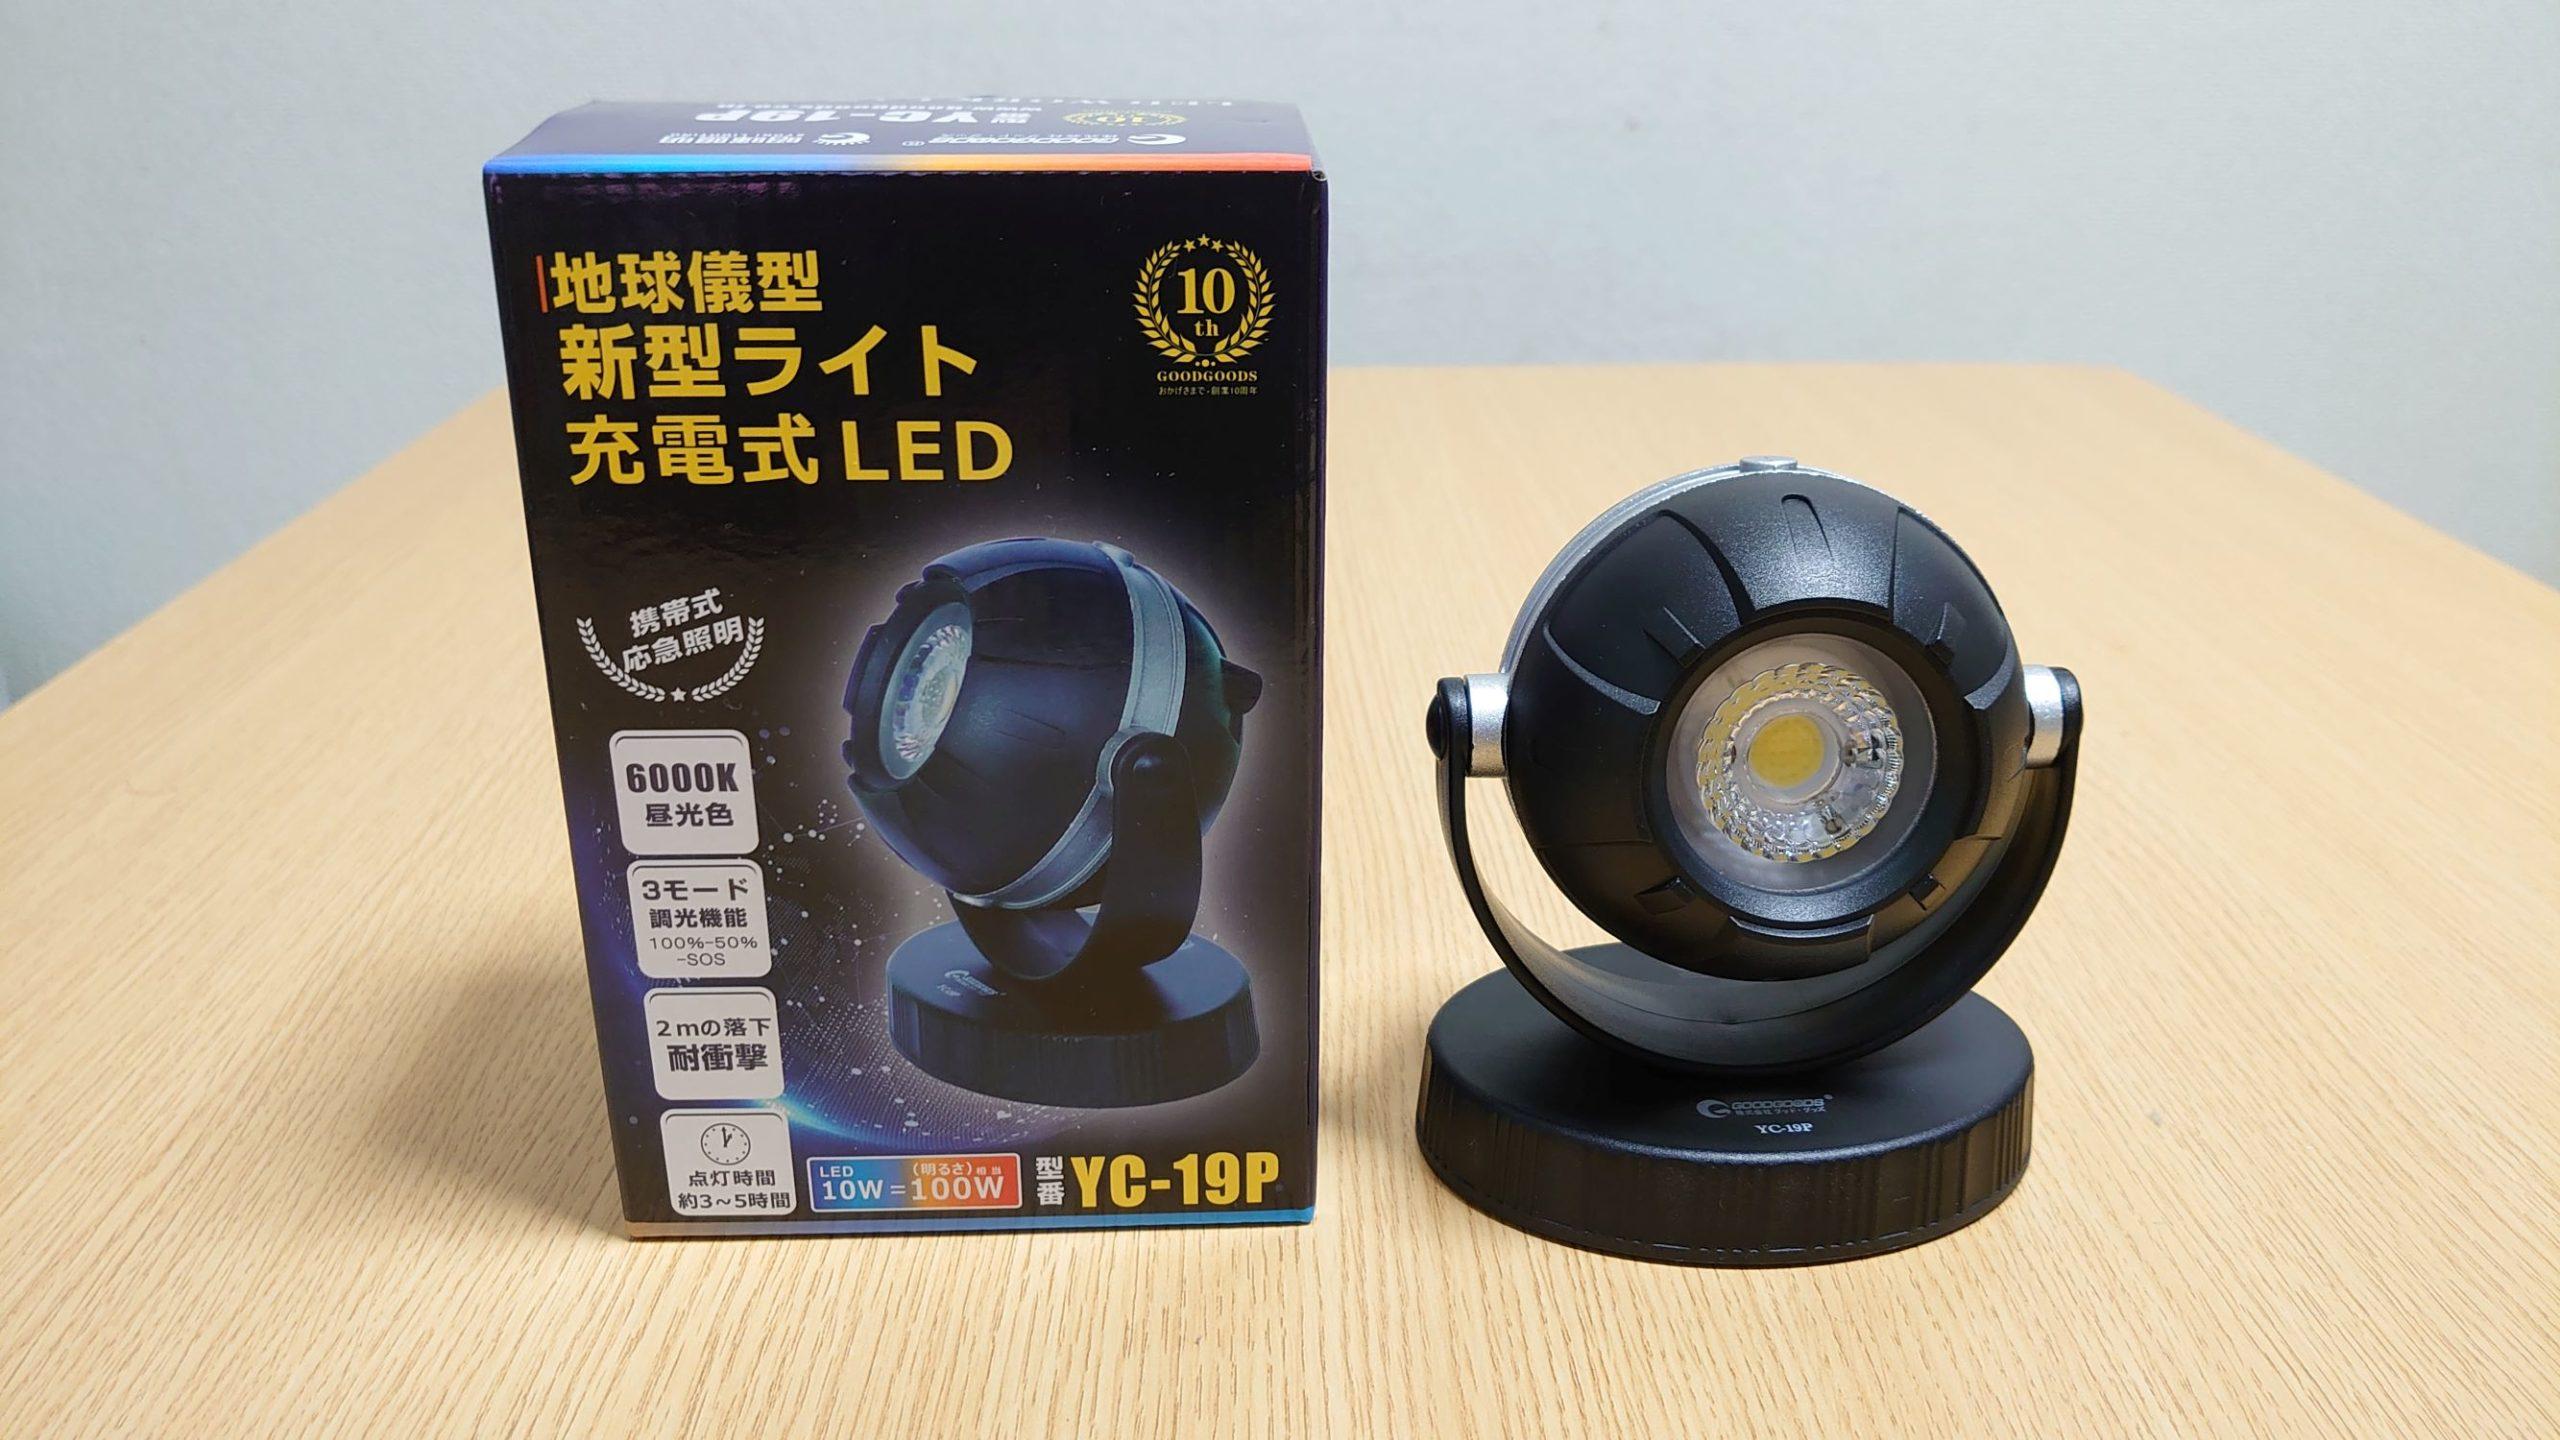 車の整備には丁度いいサイズ!GOODGOODSの充電式小型LED投光器「YC-19P」を使ってみた!